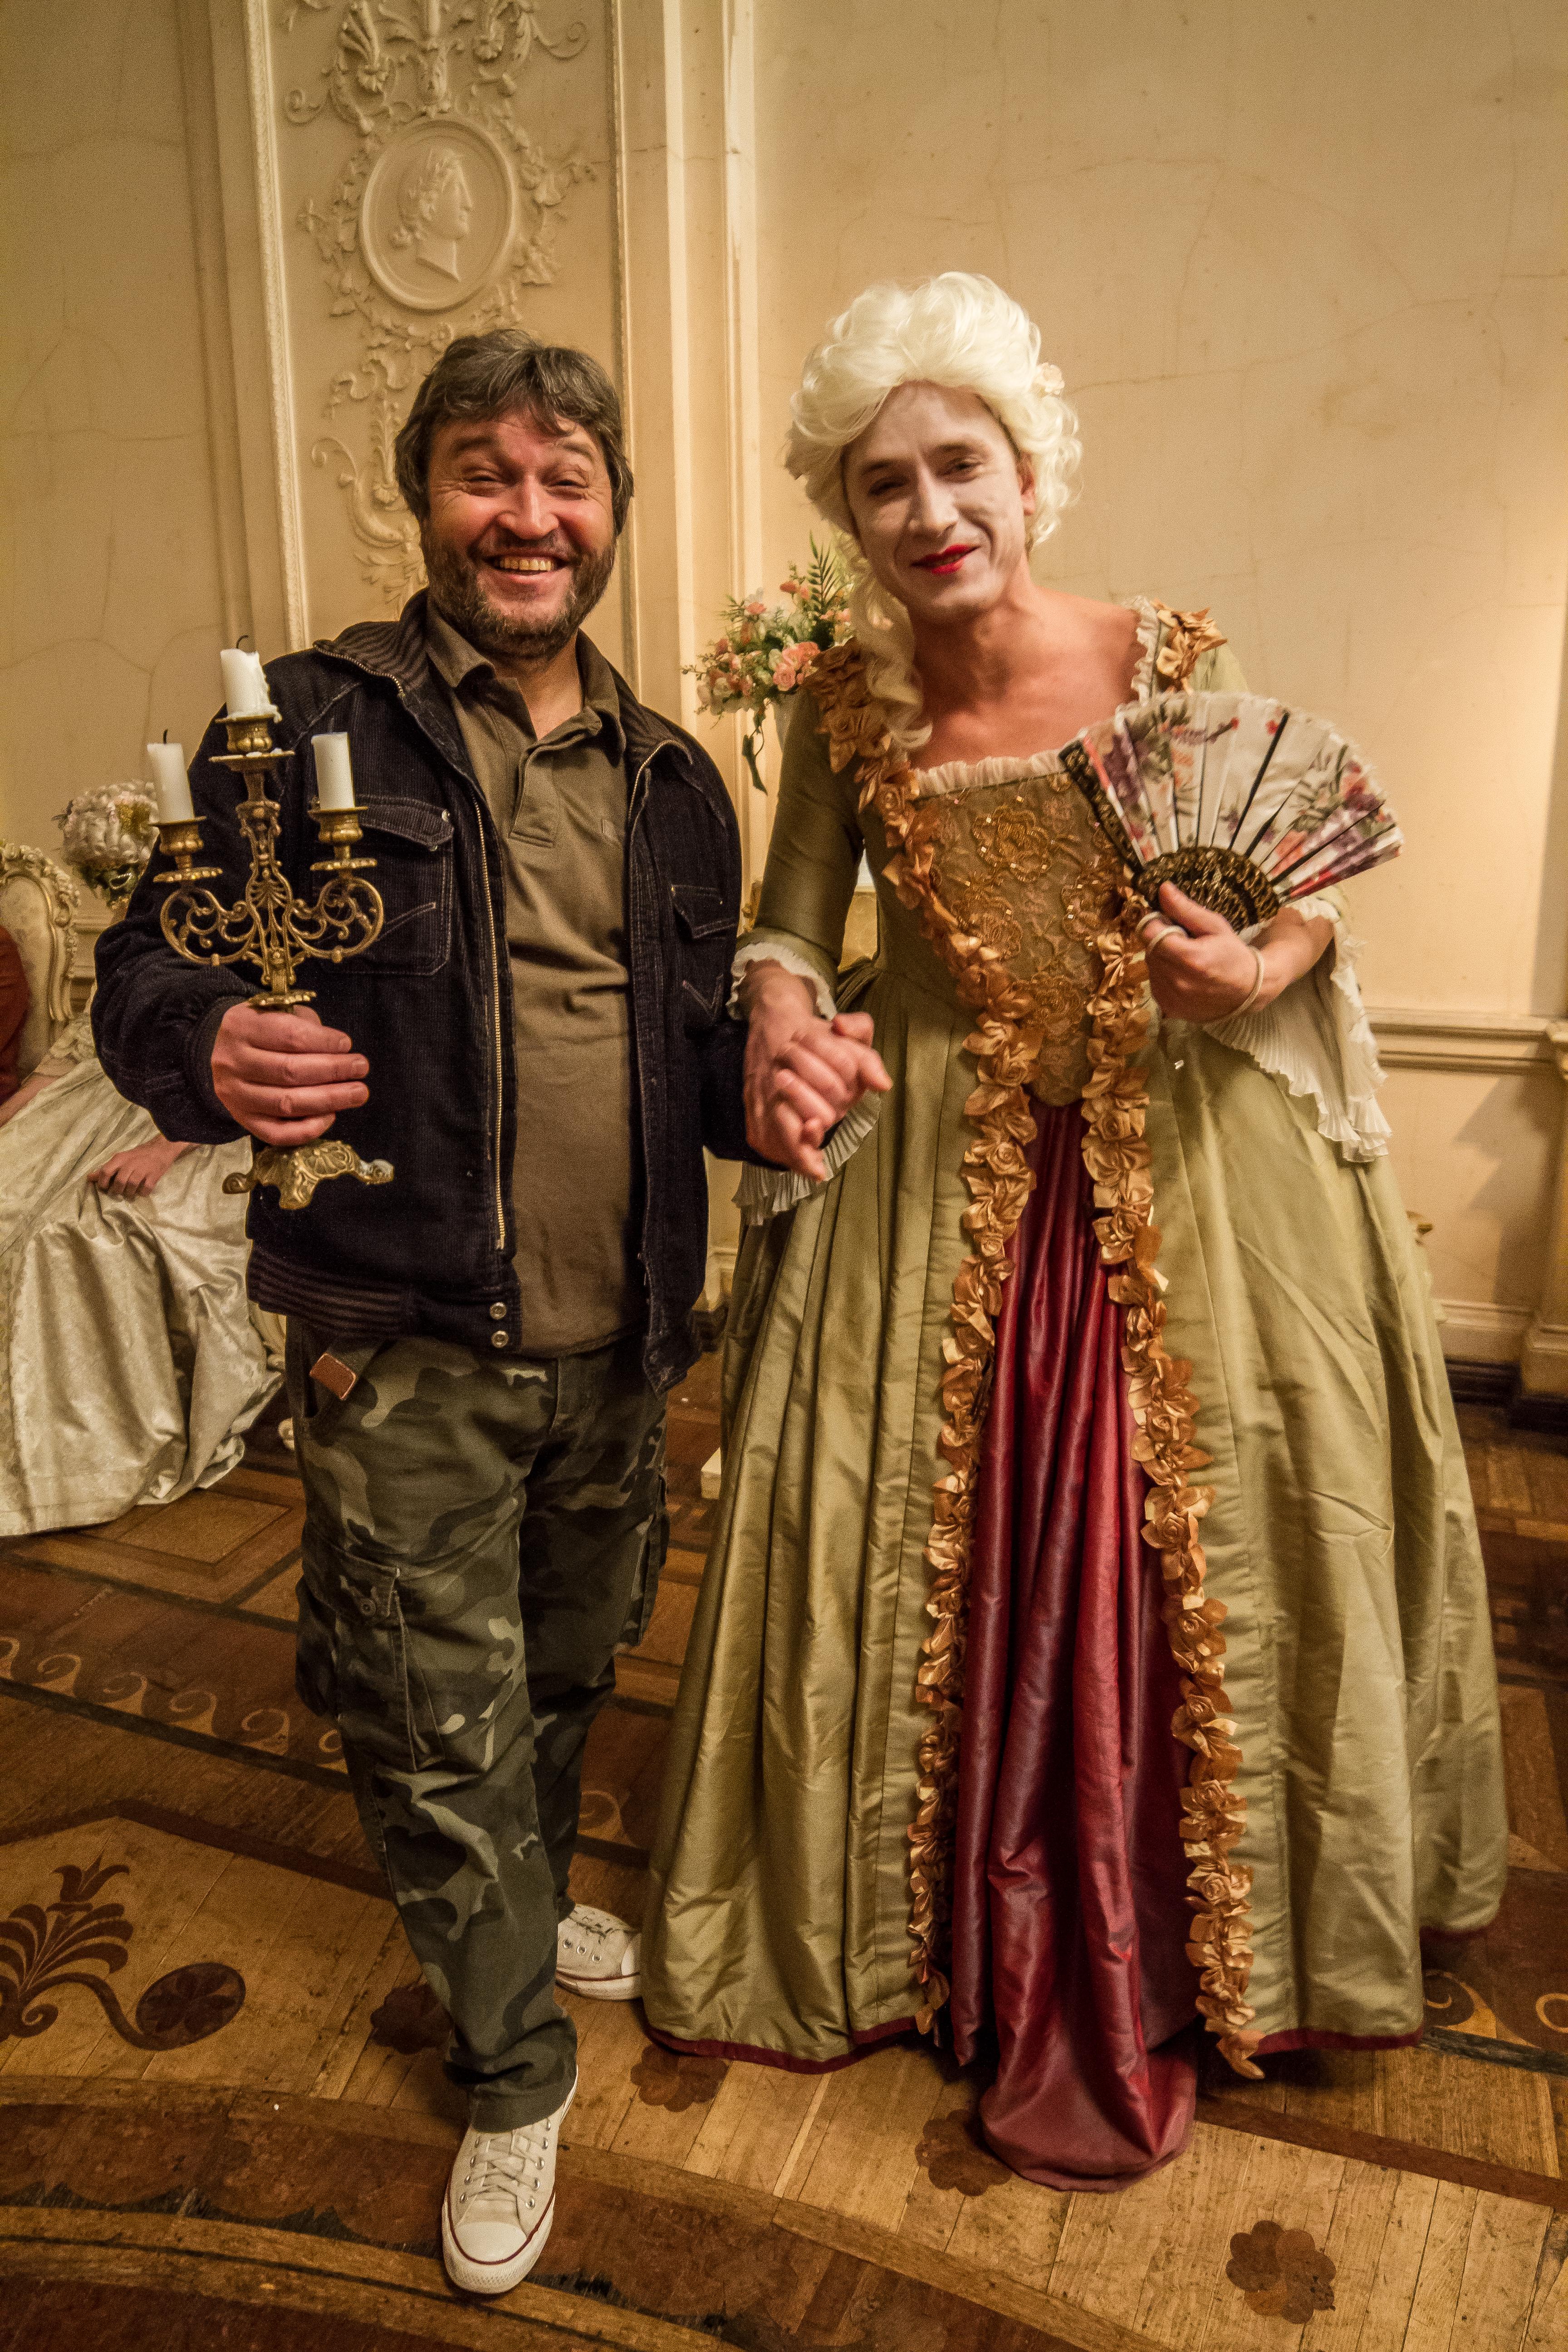 Актер Александр Яценко (в платье) с режиссером Рамилем Сабитовым